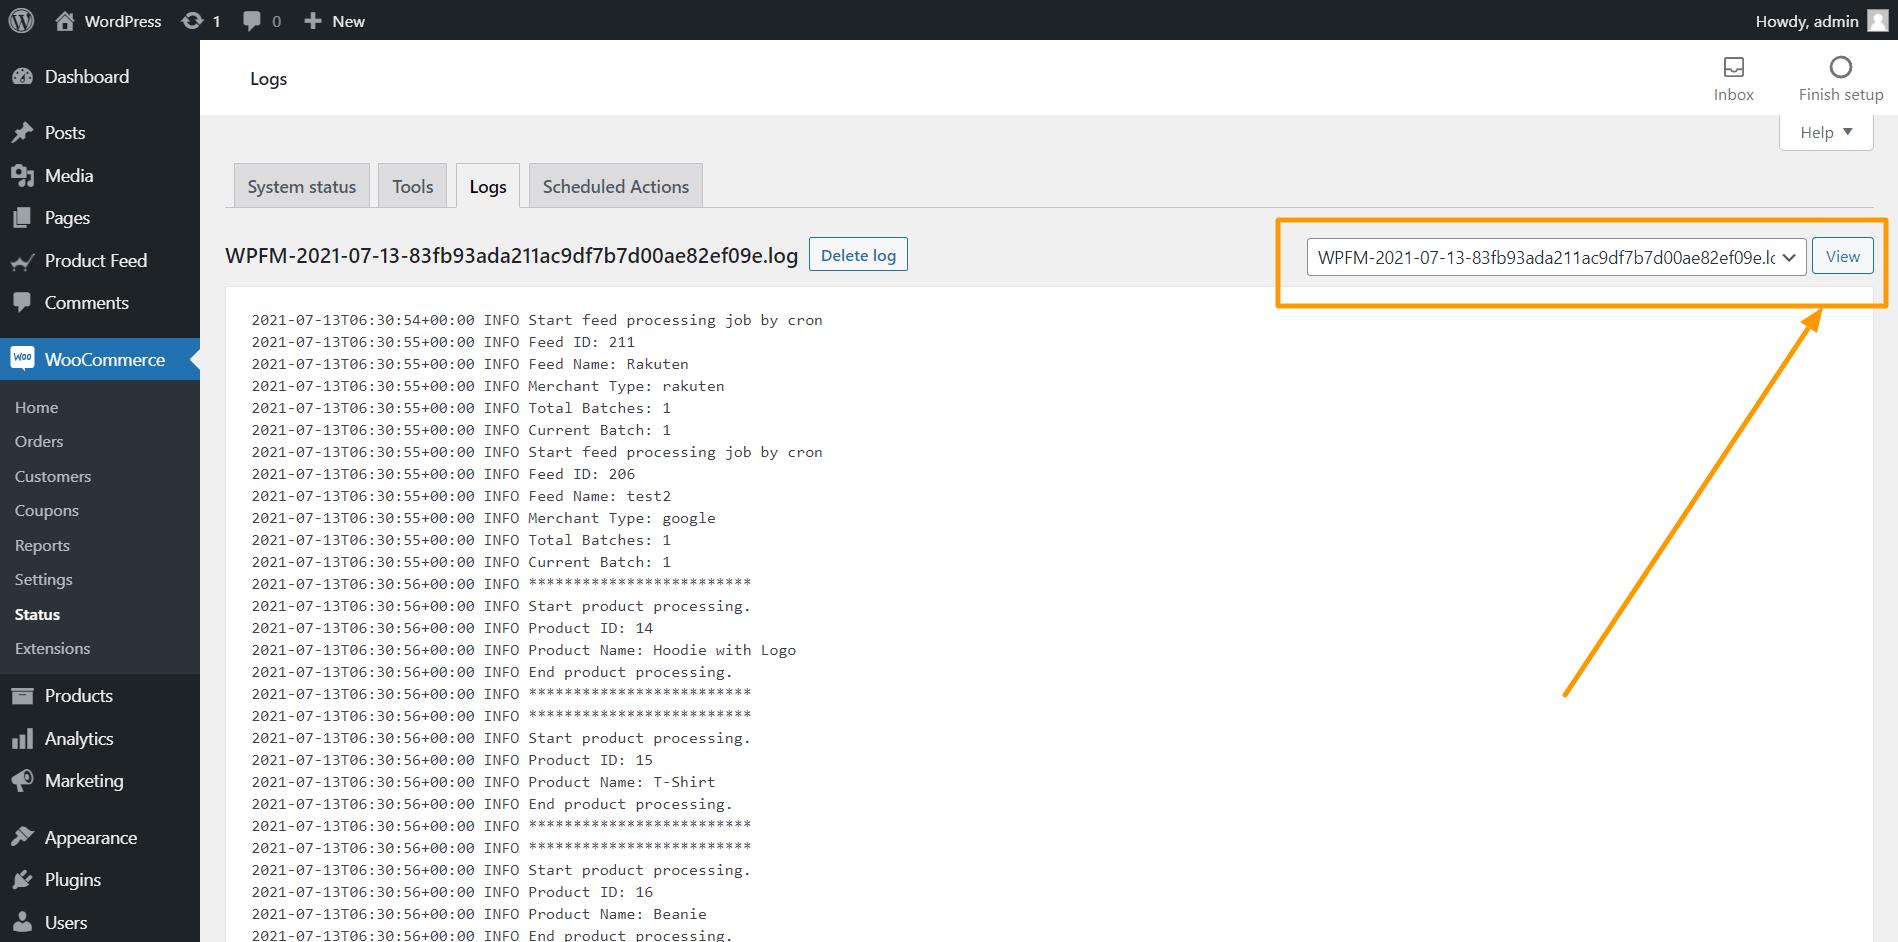 WooCommerce Error Log